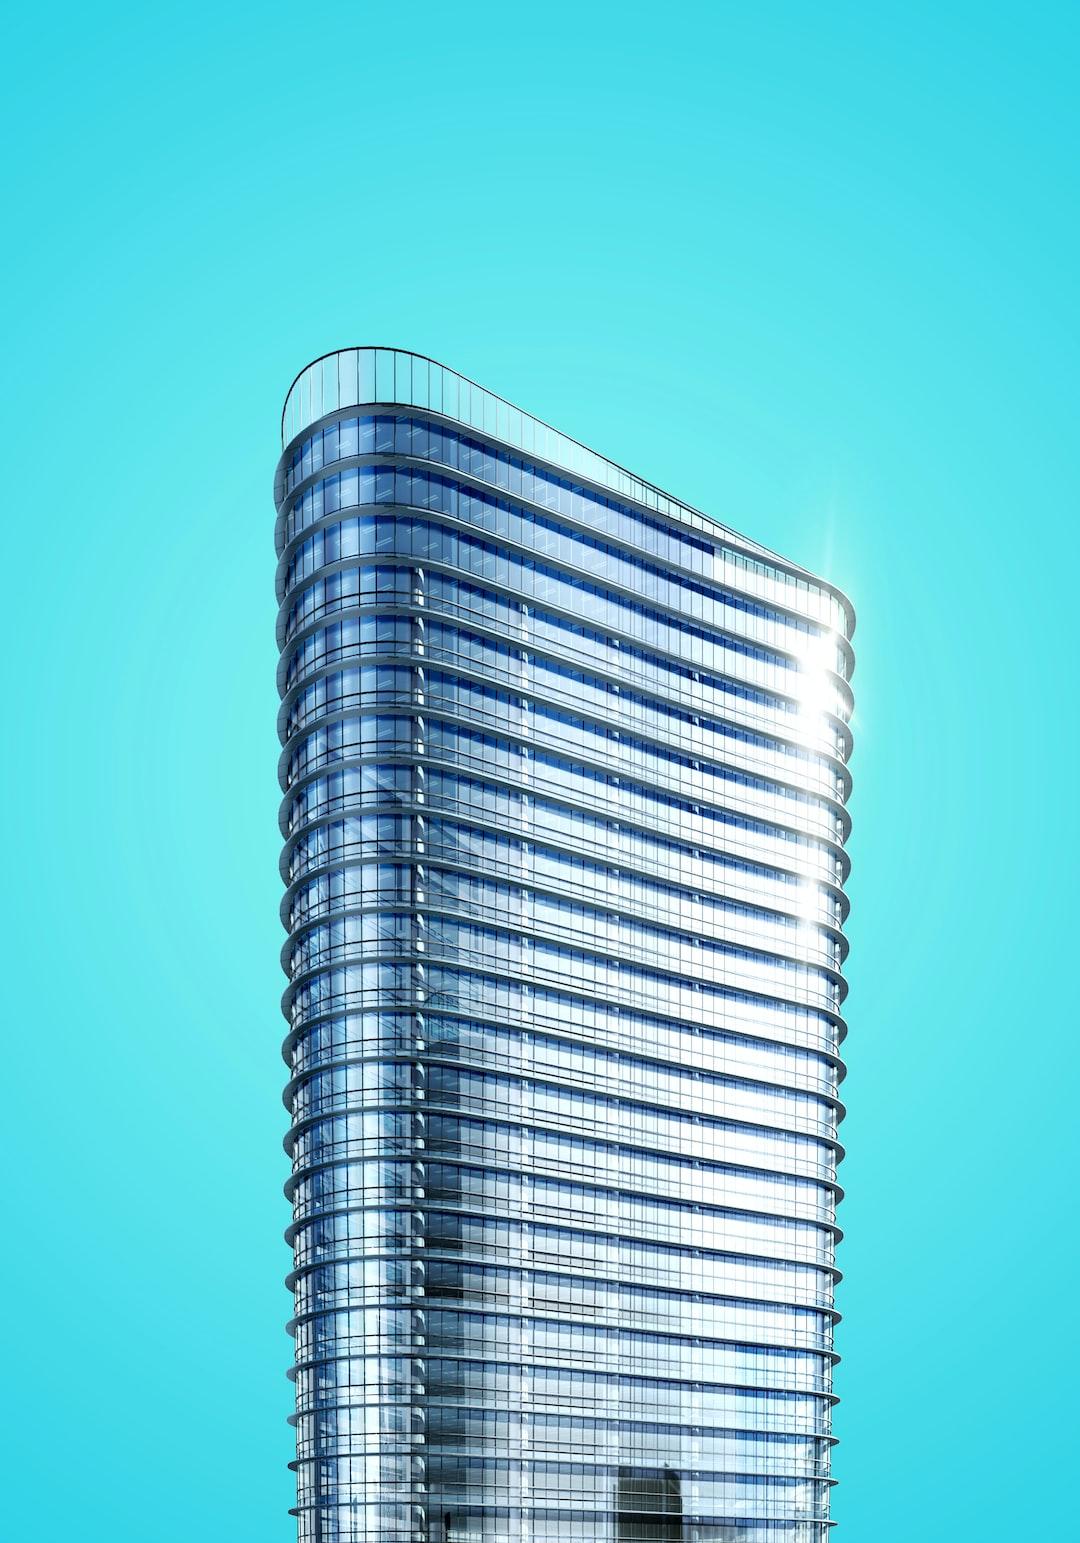 Contemporary skyscraper